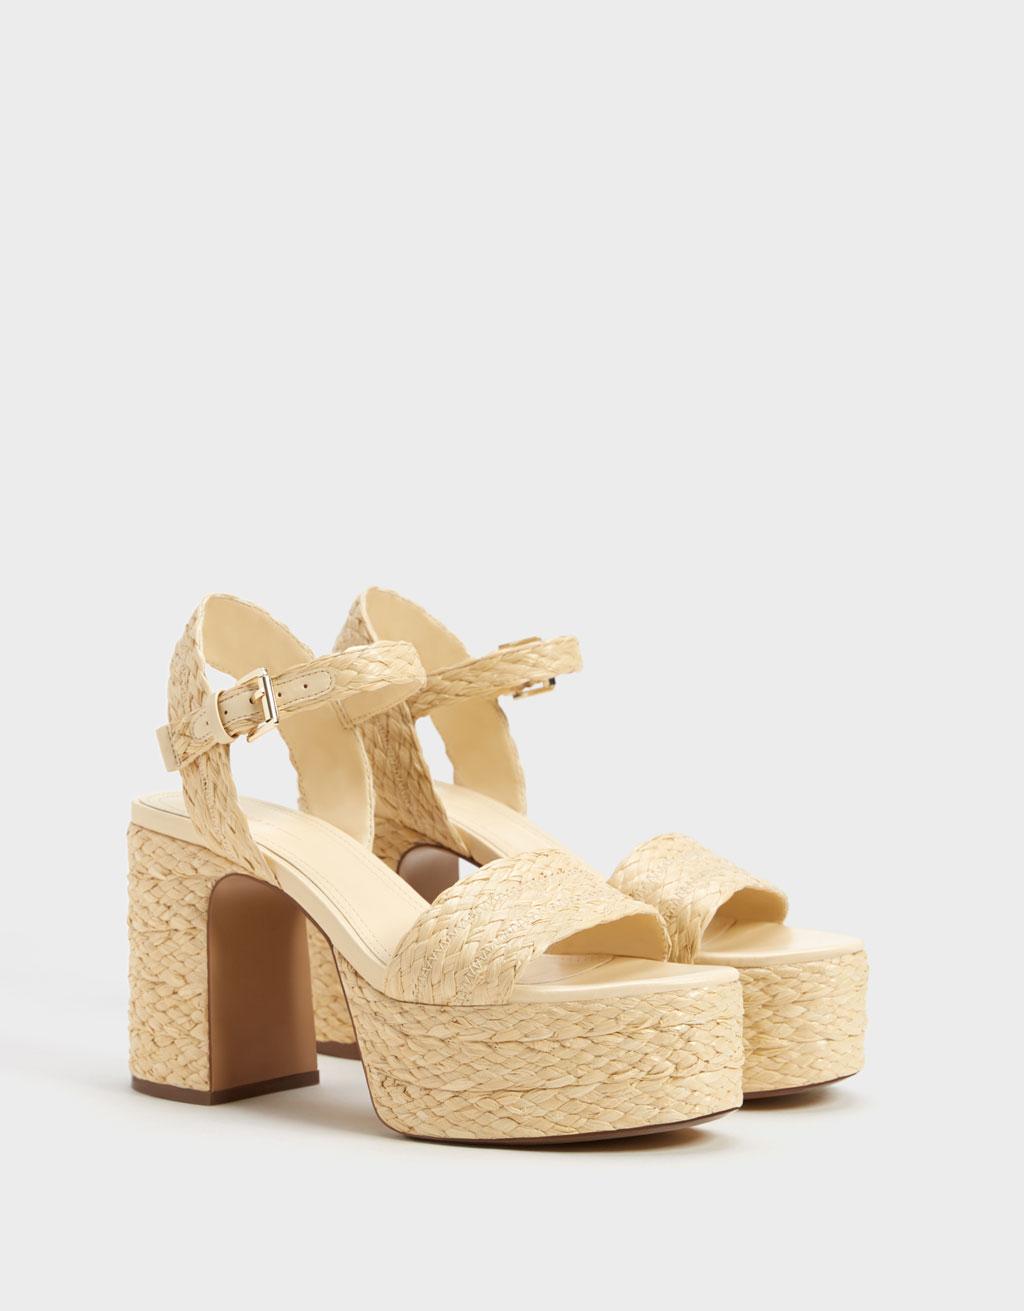 Femme Pour Chaussures Été 2019Bershka Printemps On0XPkN8w